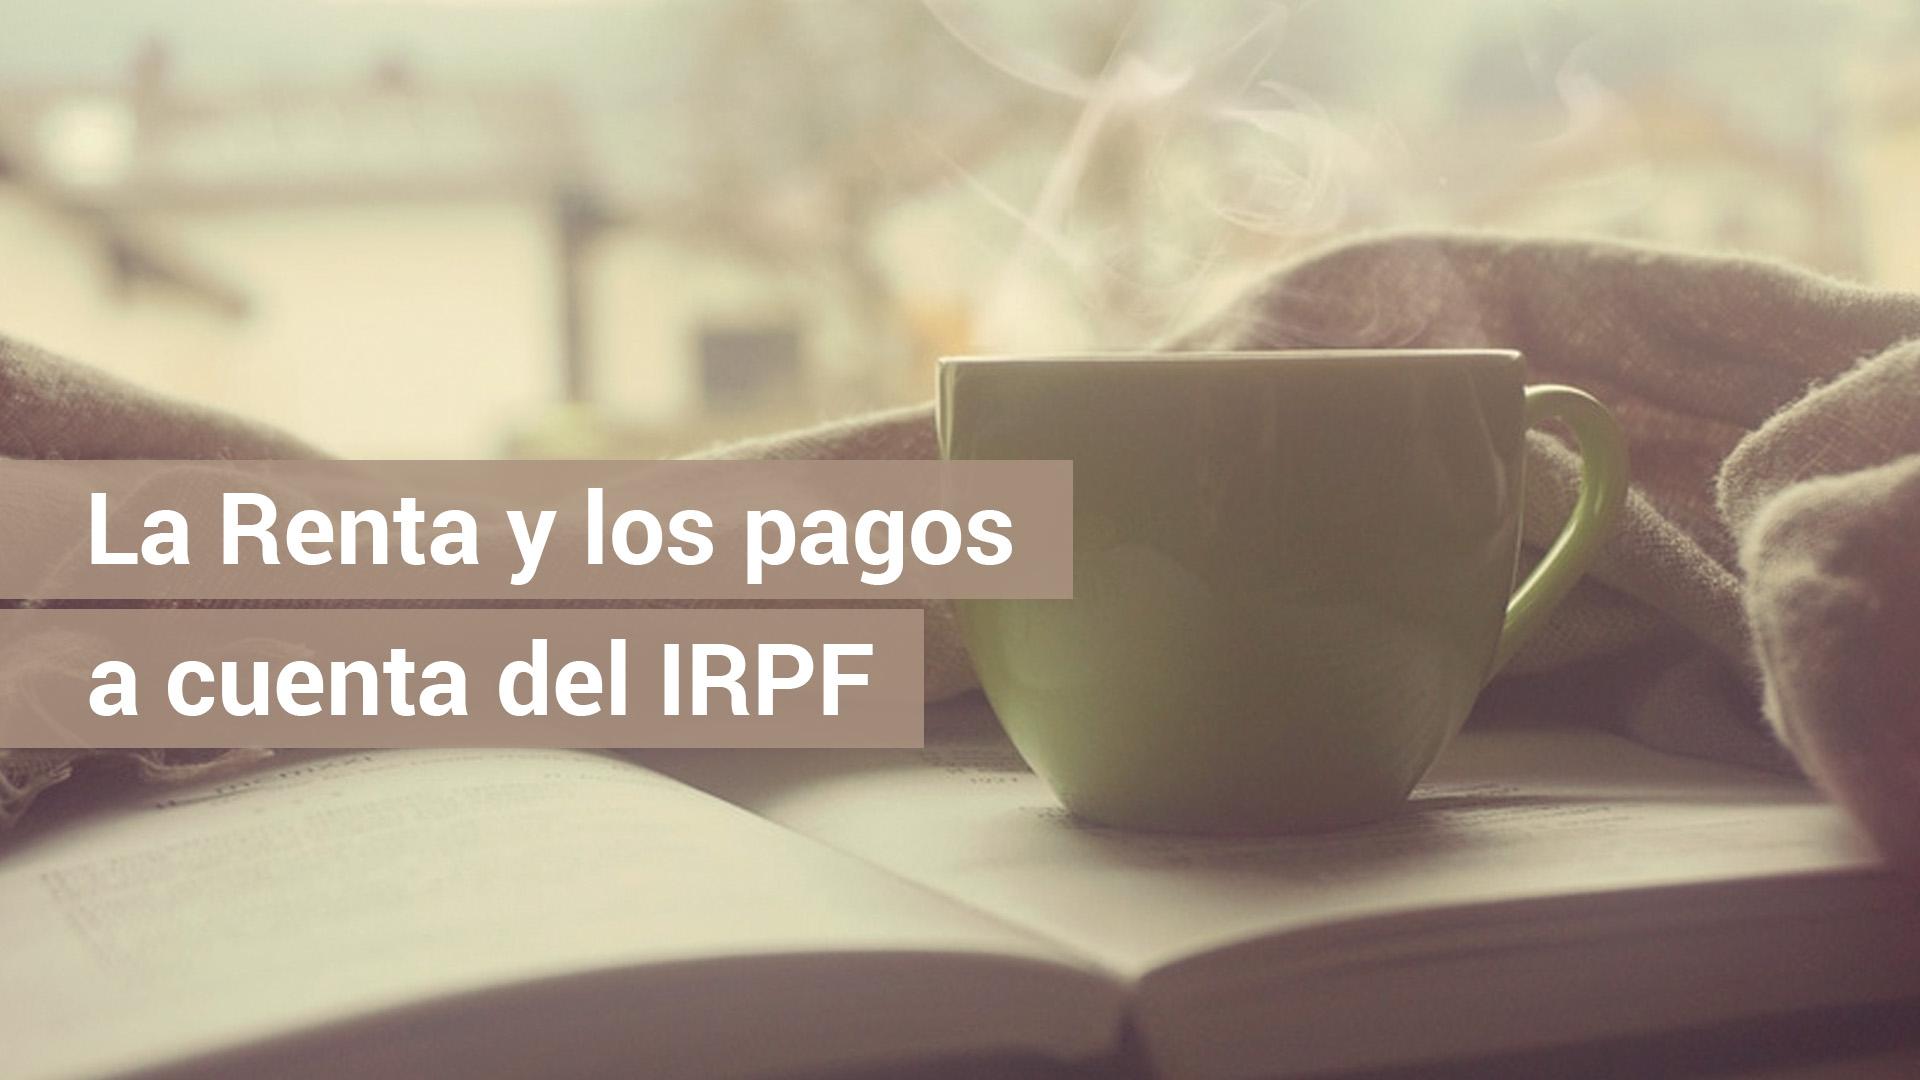 Si eres profesional también puedes presentar pagos a cuenta de IRPF